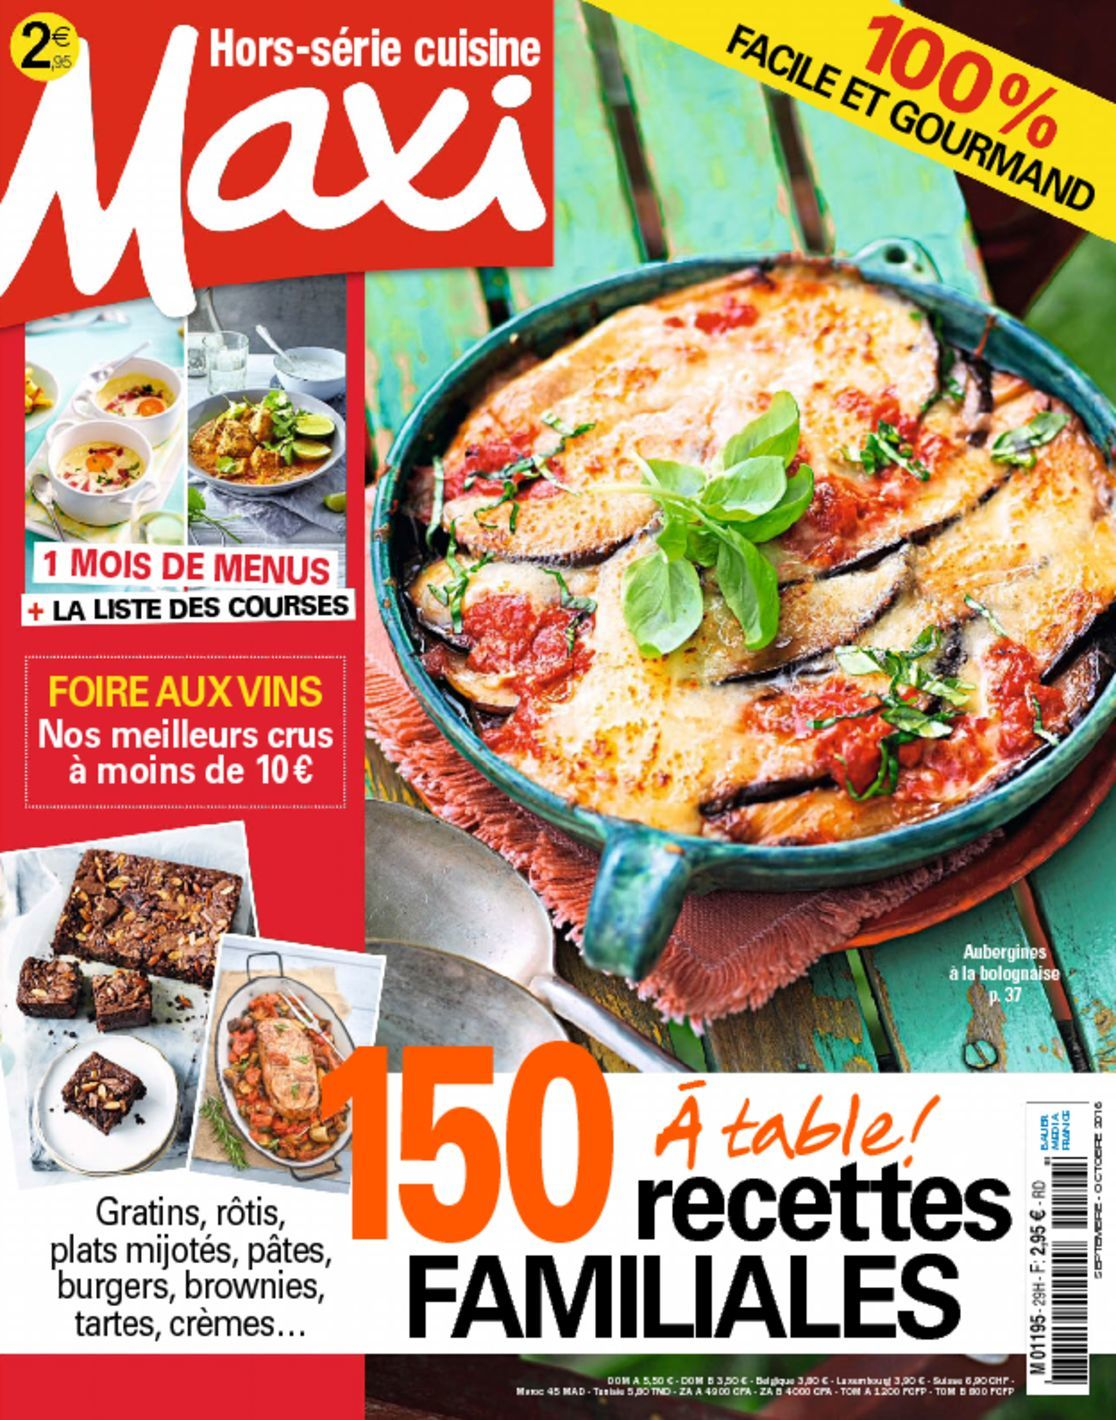 Maxi hors s rie cuisine digital magazine for Gazelle cuisine hors serie